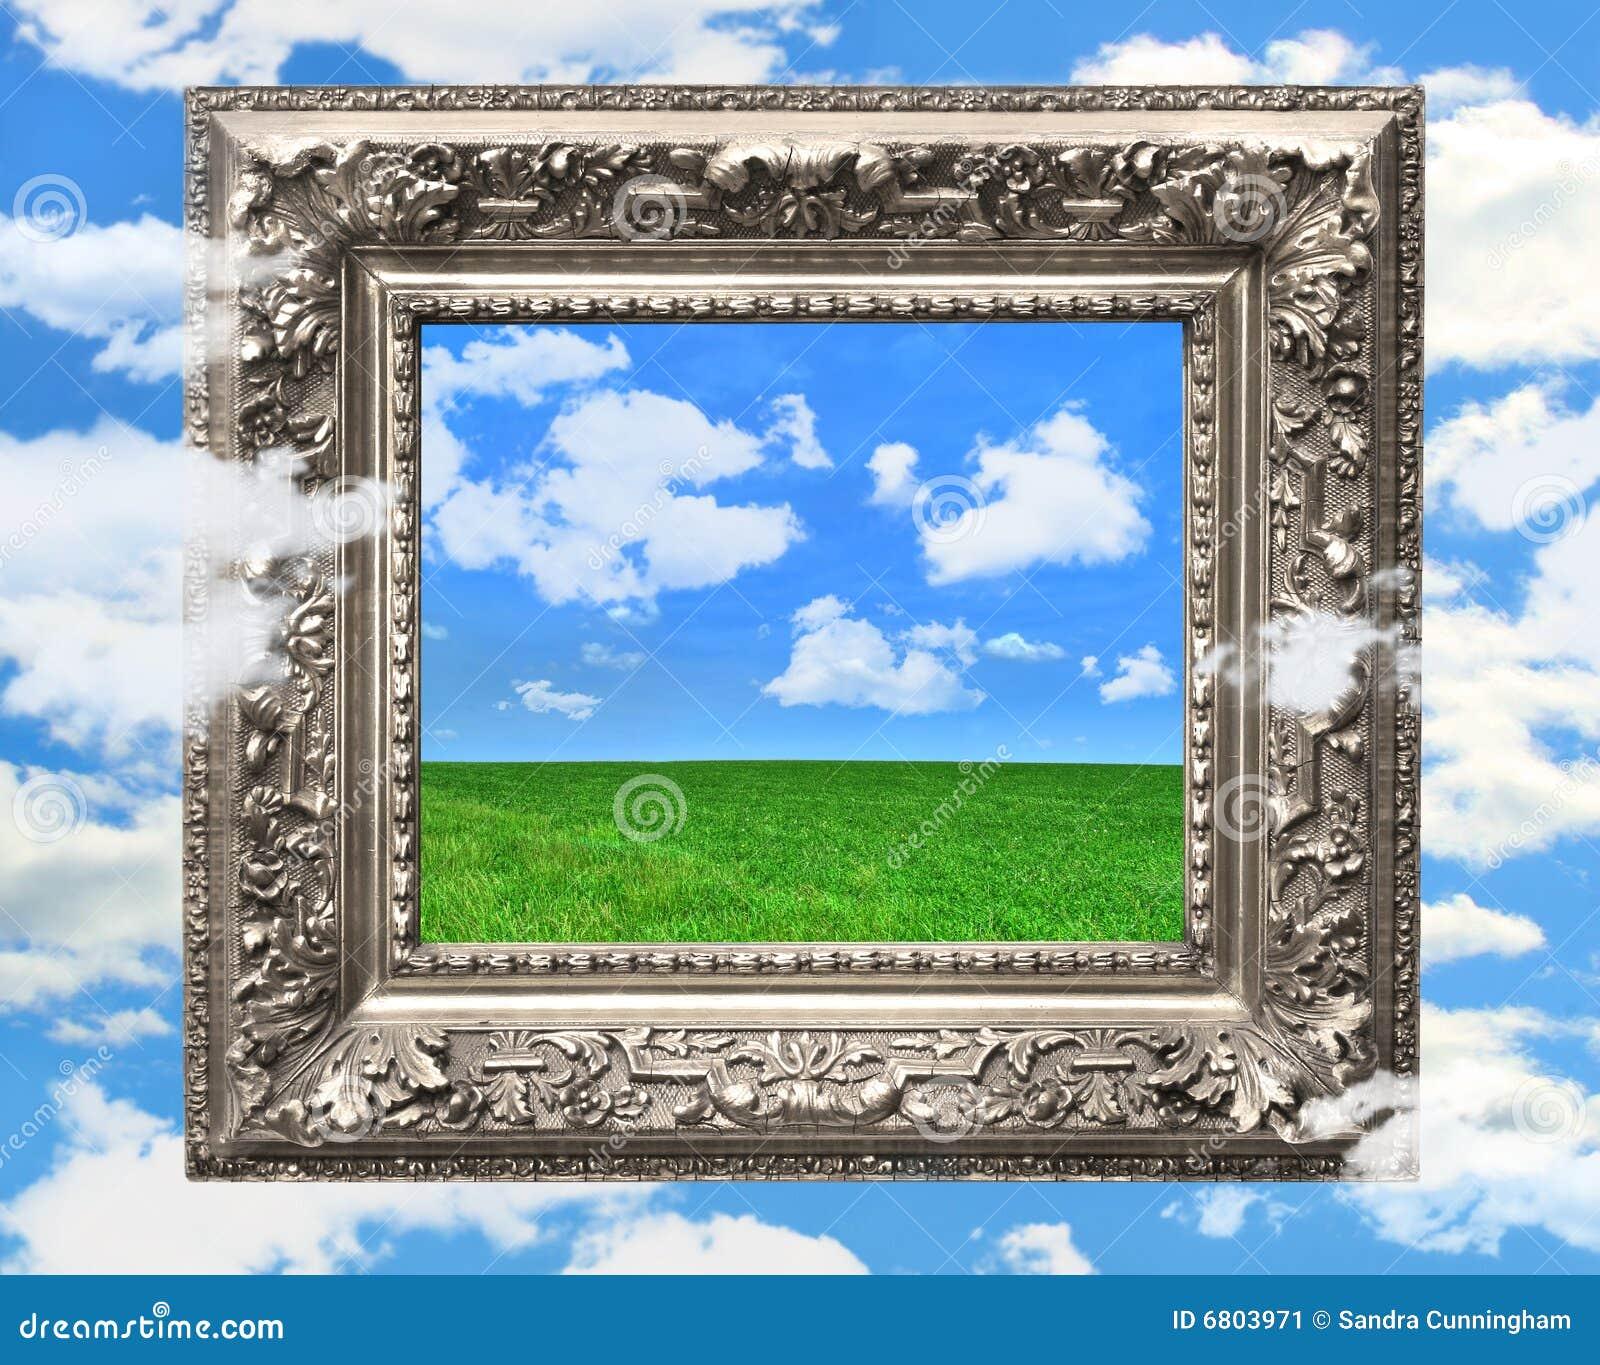 Marco de plata contra un cielo azul